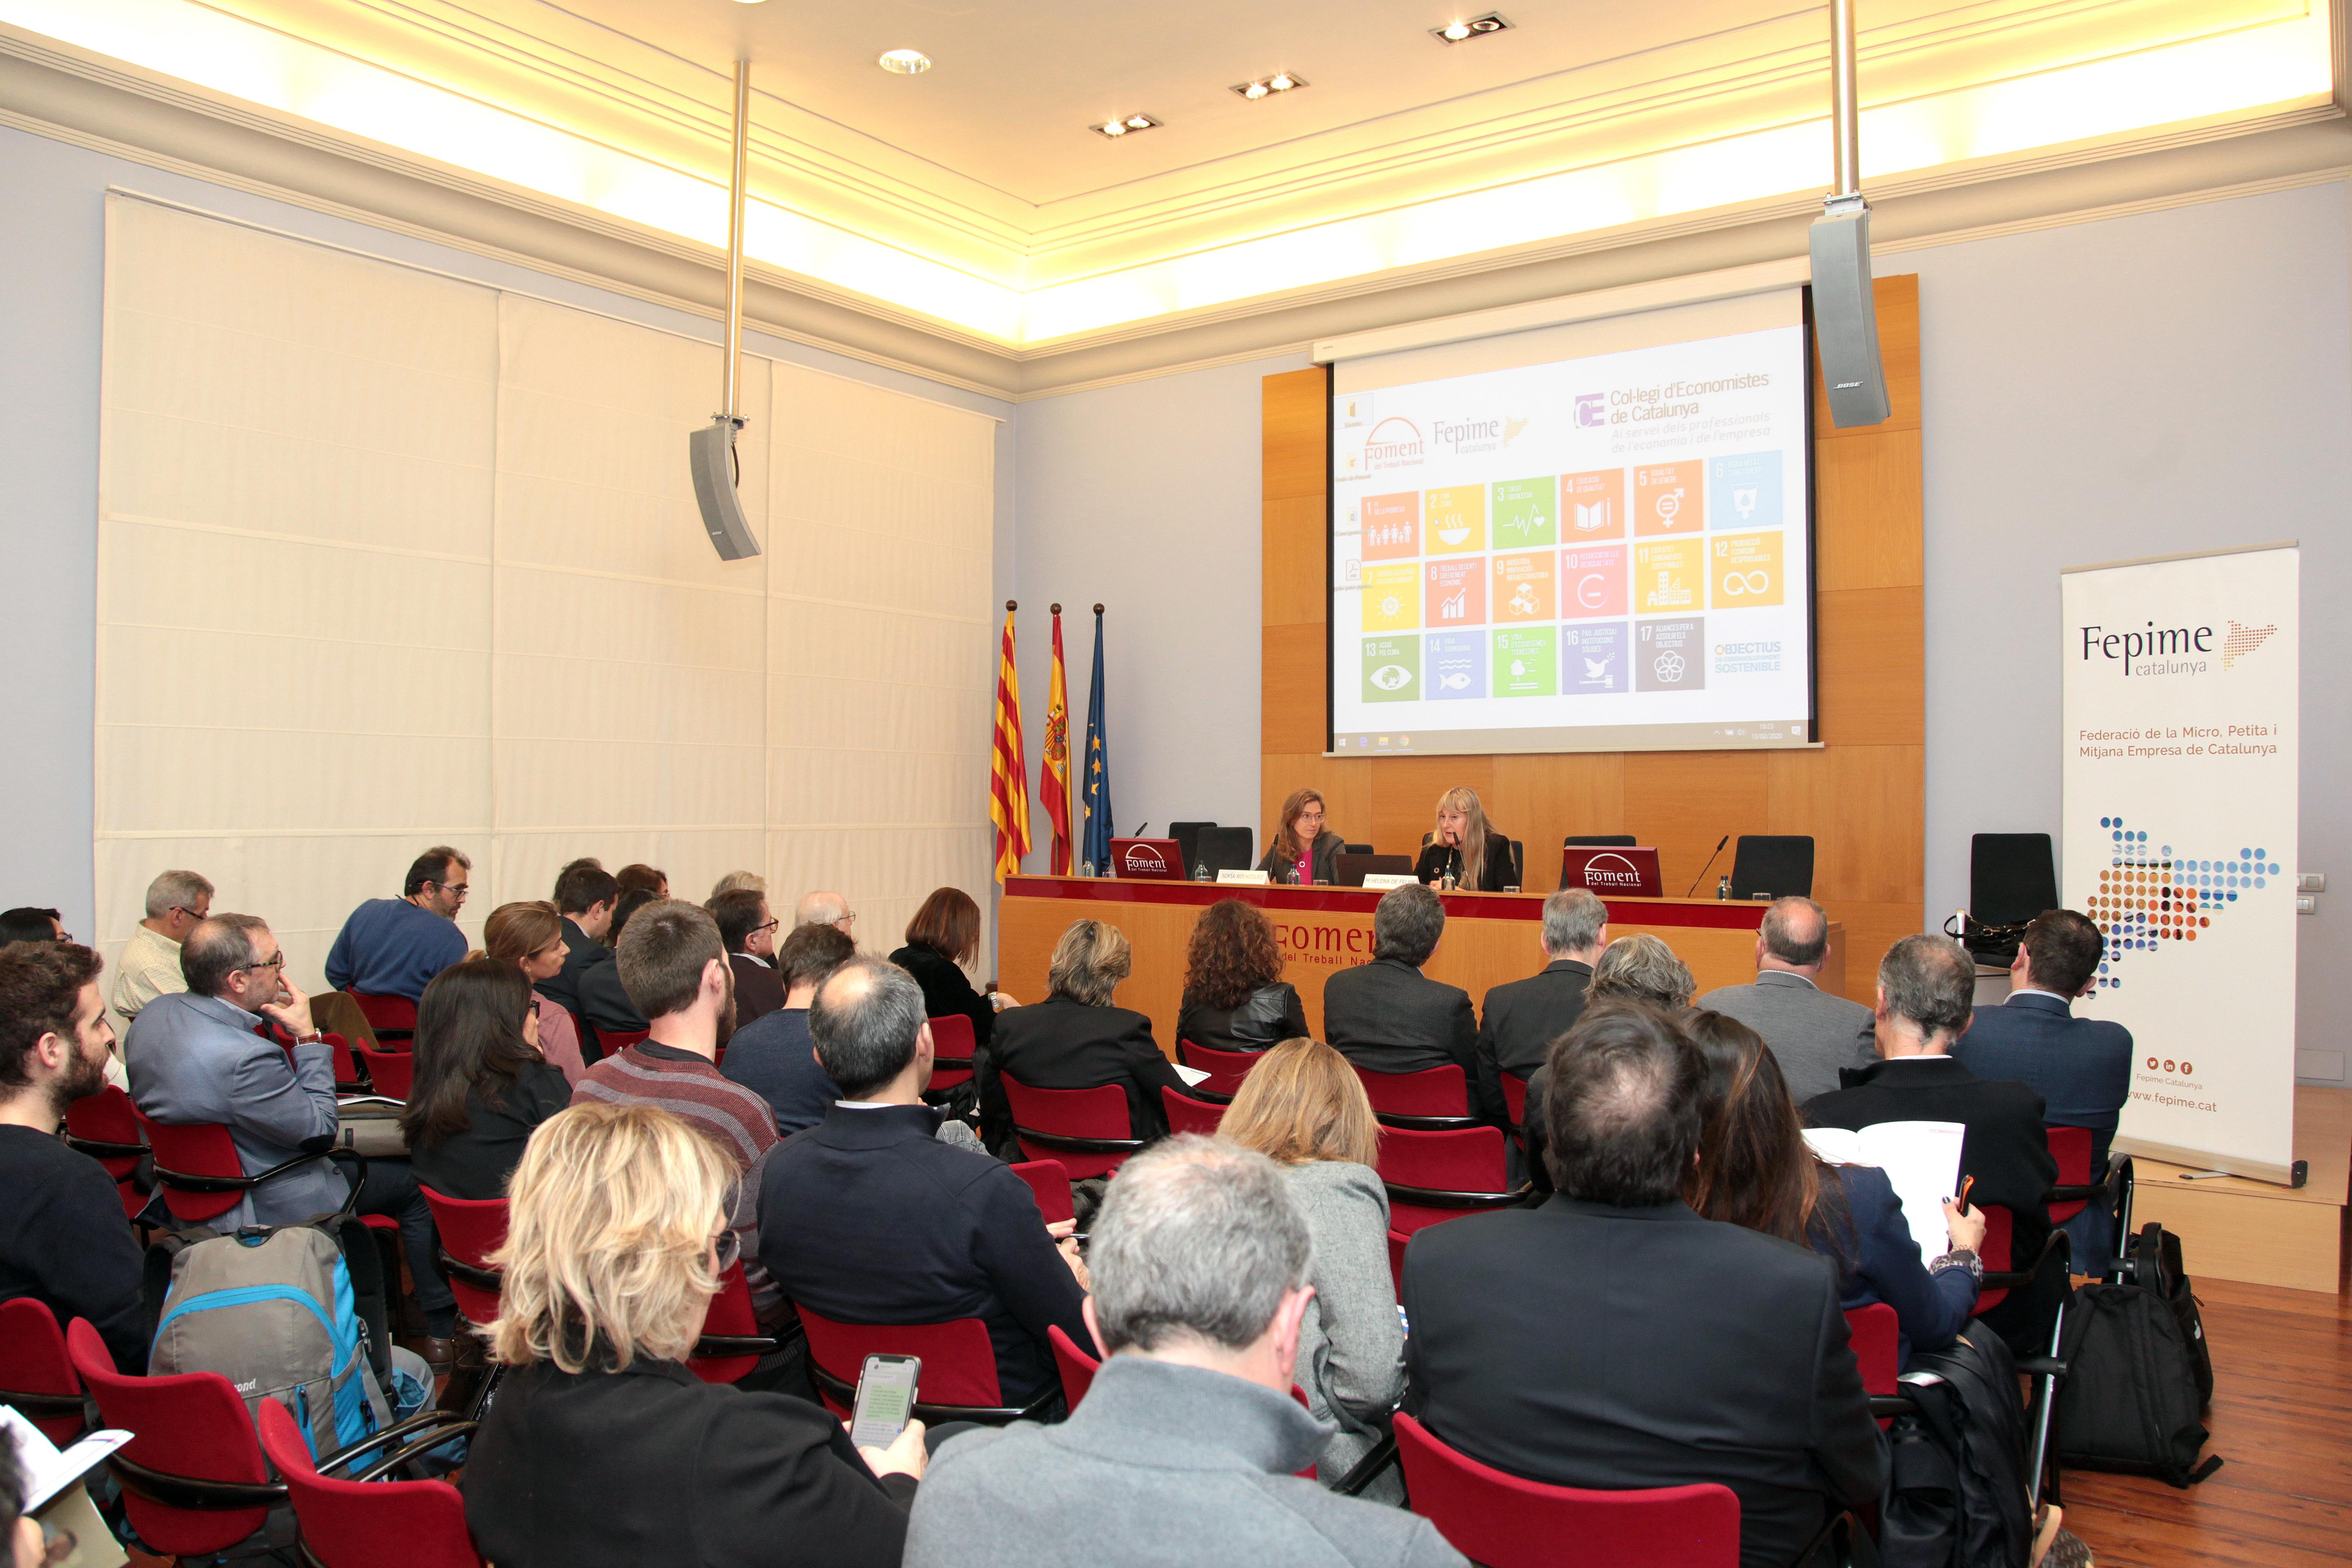 Fepime Catalunya i el Col·legi d'Economistes de Catalunya presenten a Barcelona una guia per a pimes davant els Objectius de Desenvolupament Sostenible